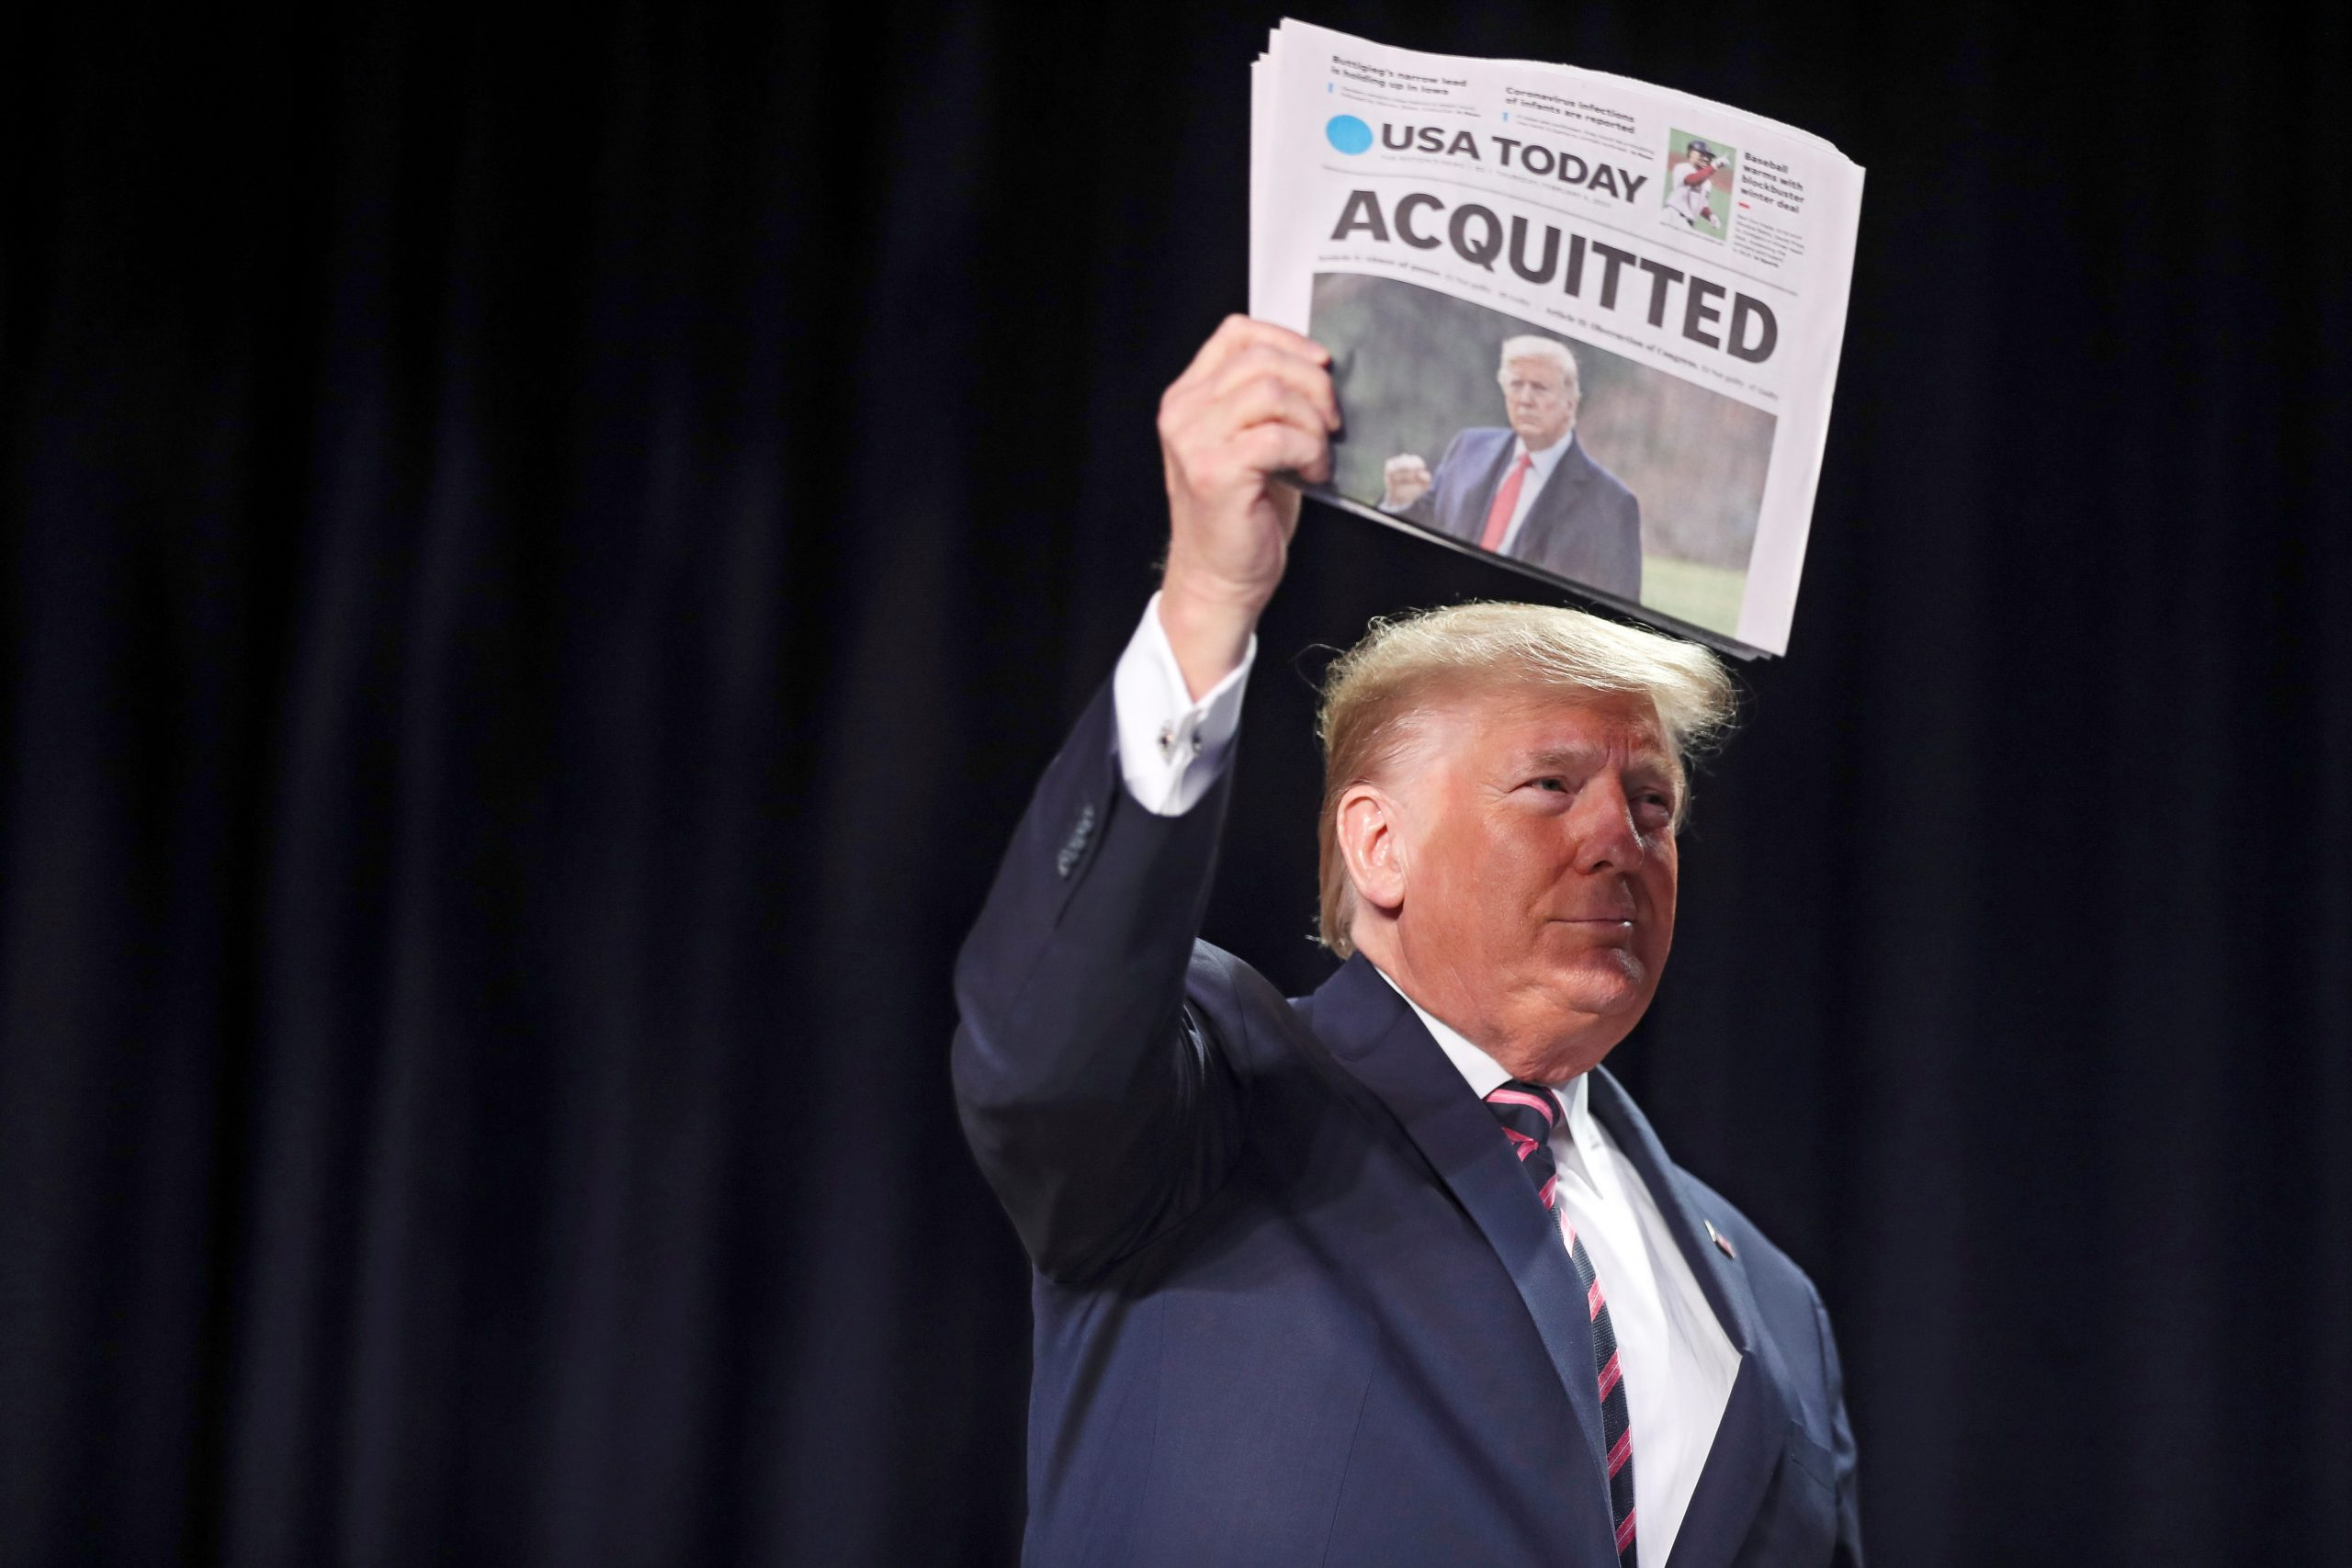 El presidente de los Estados Unidos, Donald J. Trump, tiene una copia del periódico USA Today con su absolución de juicio político, cuando llega al 68º Desayuno Anual de Oración Nacional en Washington, DC, EE. UU. Foto de EFE/ EPA/Oliver Contreras.